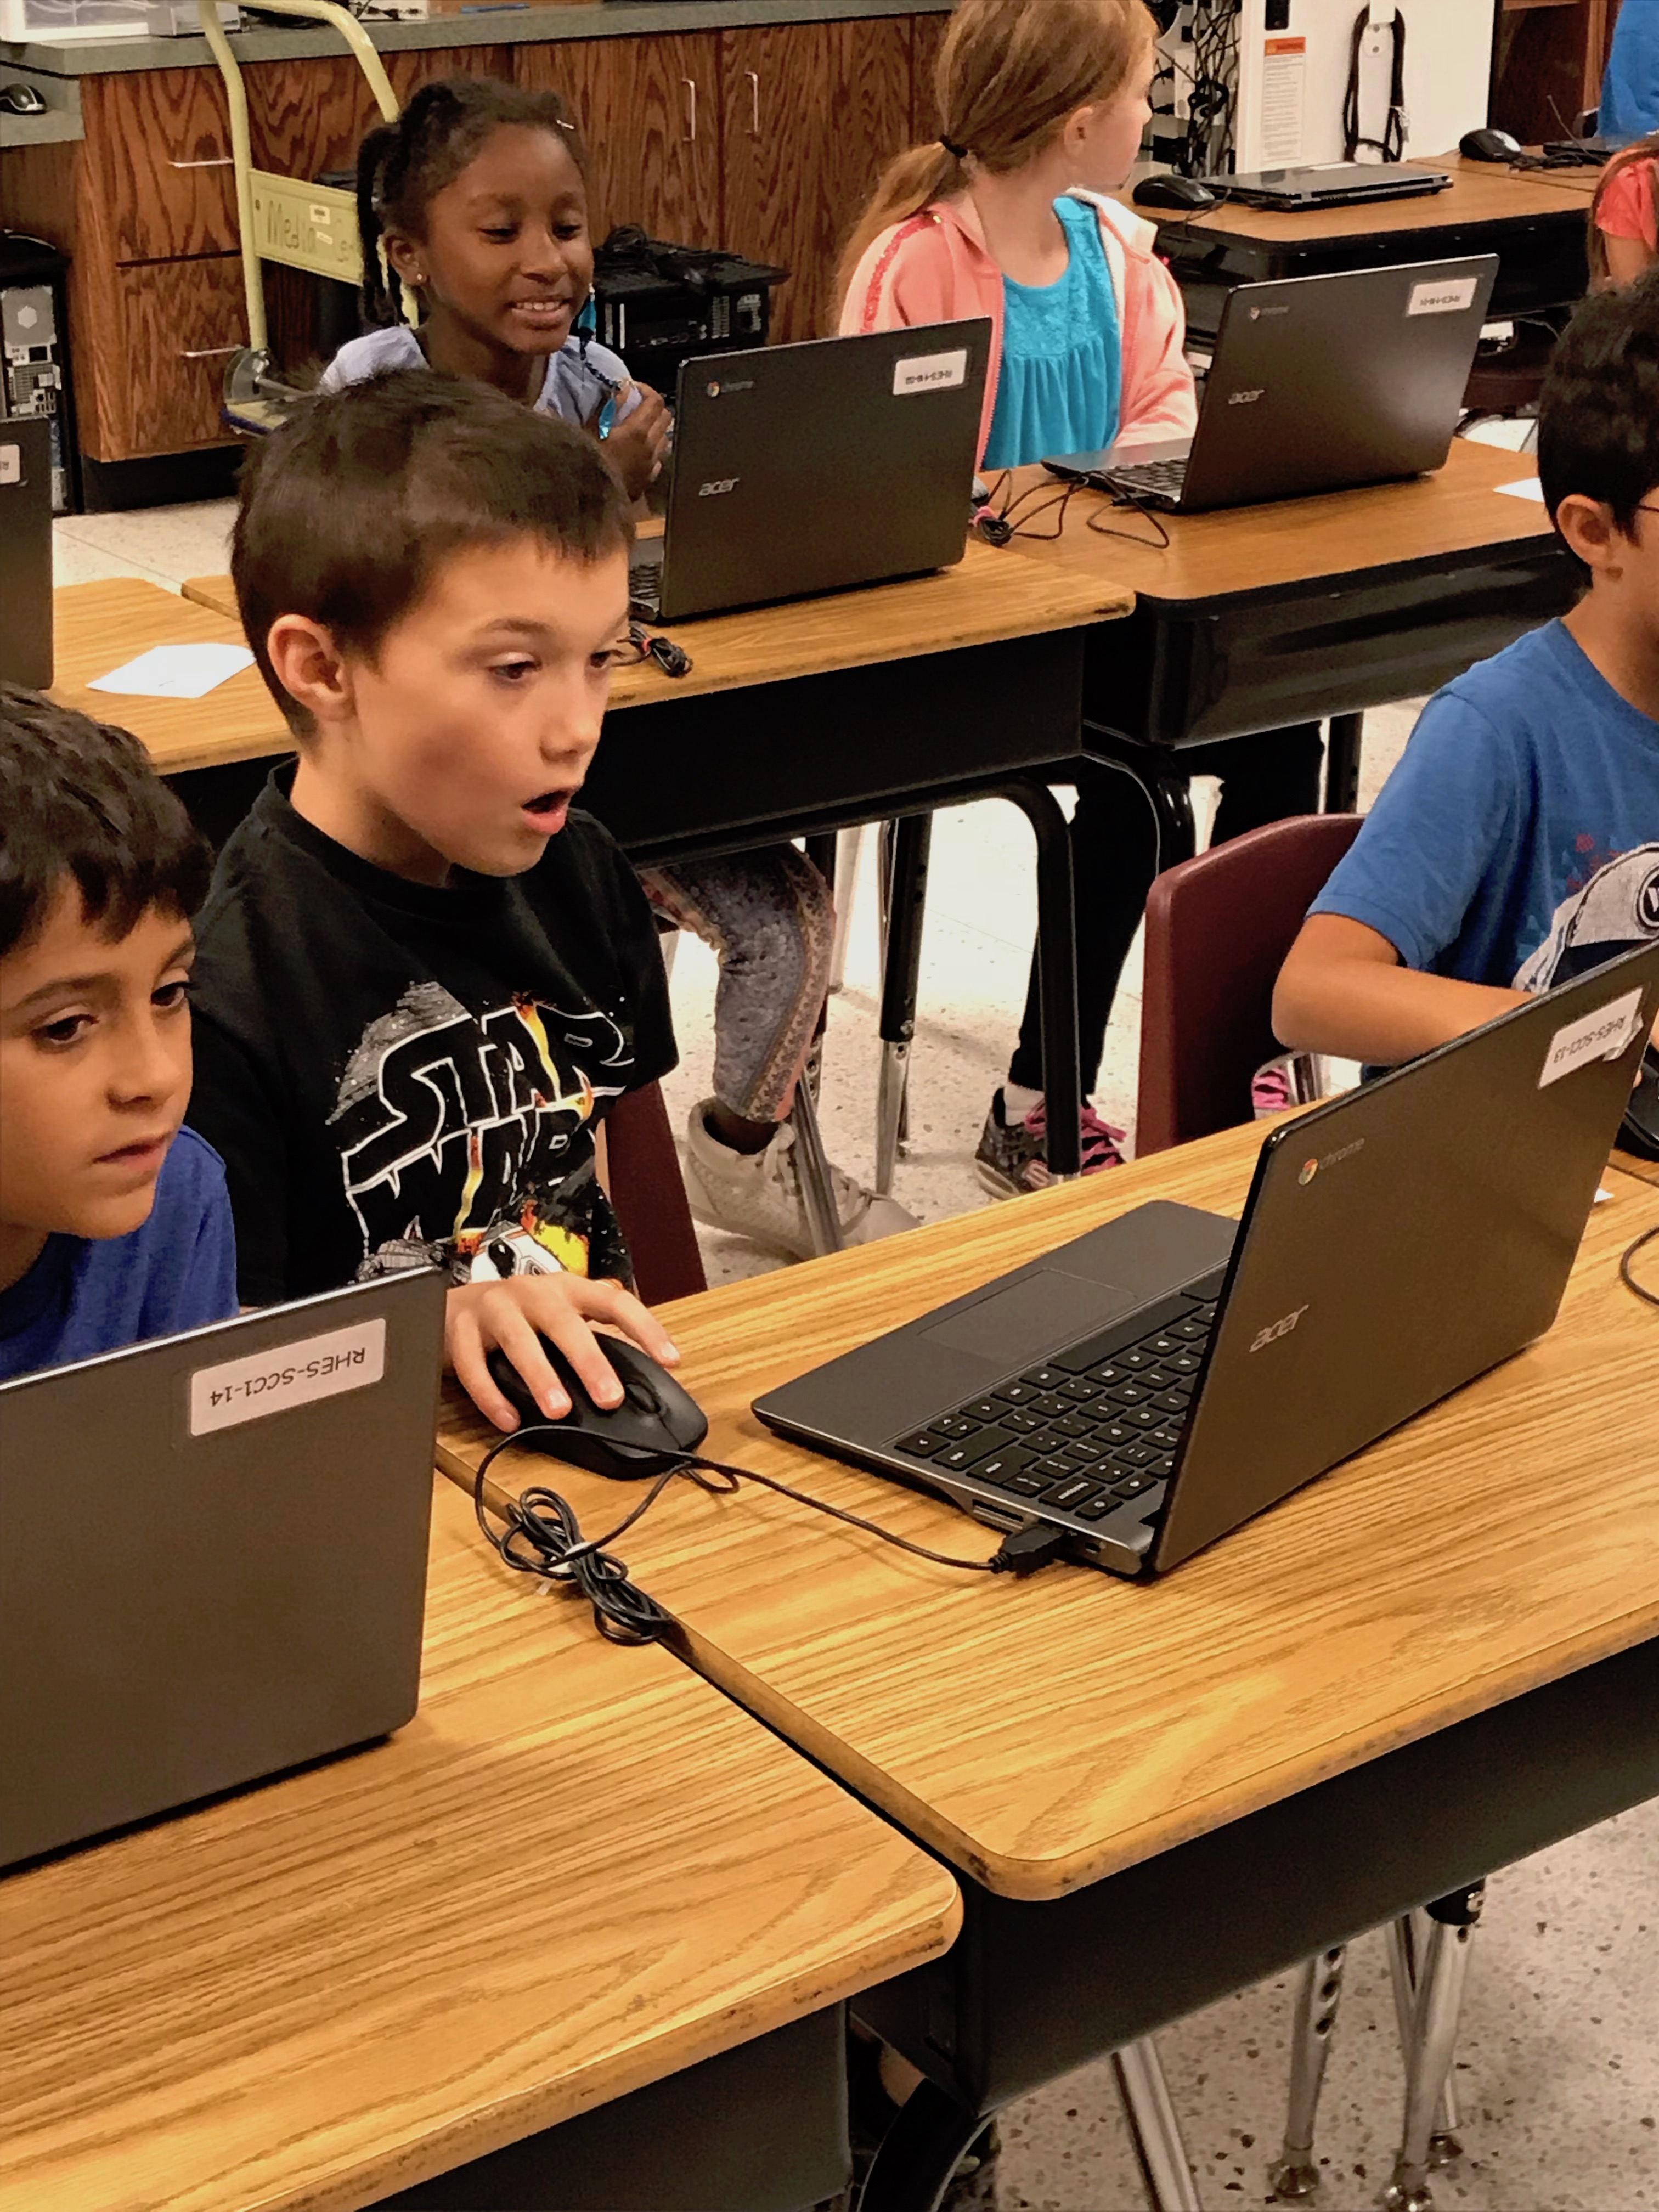 kid on a laptop